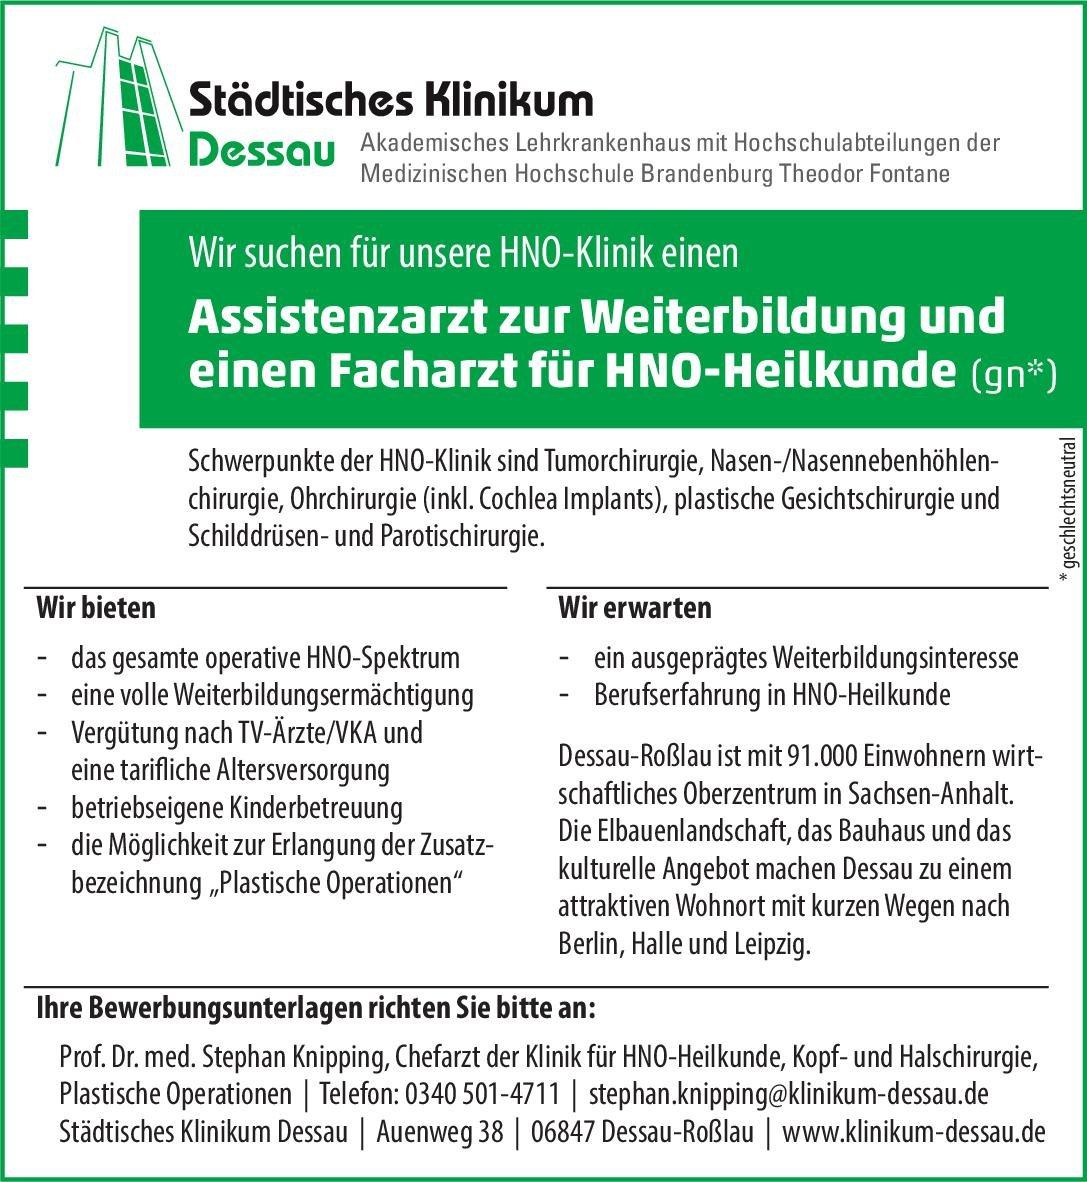 Städtisches Klinikum Dessau Assistenzarzt zur Weiterbildung (gn*) HNO  Hals-Nasen-Ohrenheilkunde, Hals-Nasen-Ohrenheilkunde Assistenzarzt / Arzt in Weiterbildung